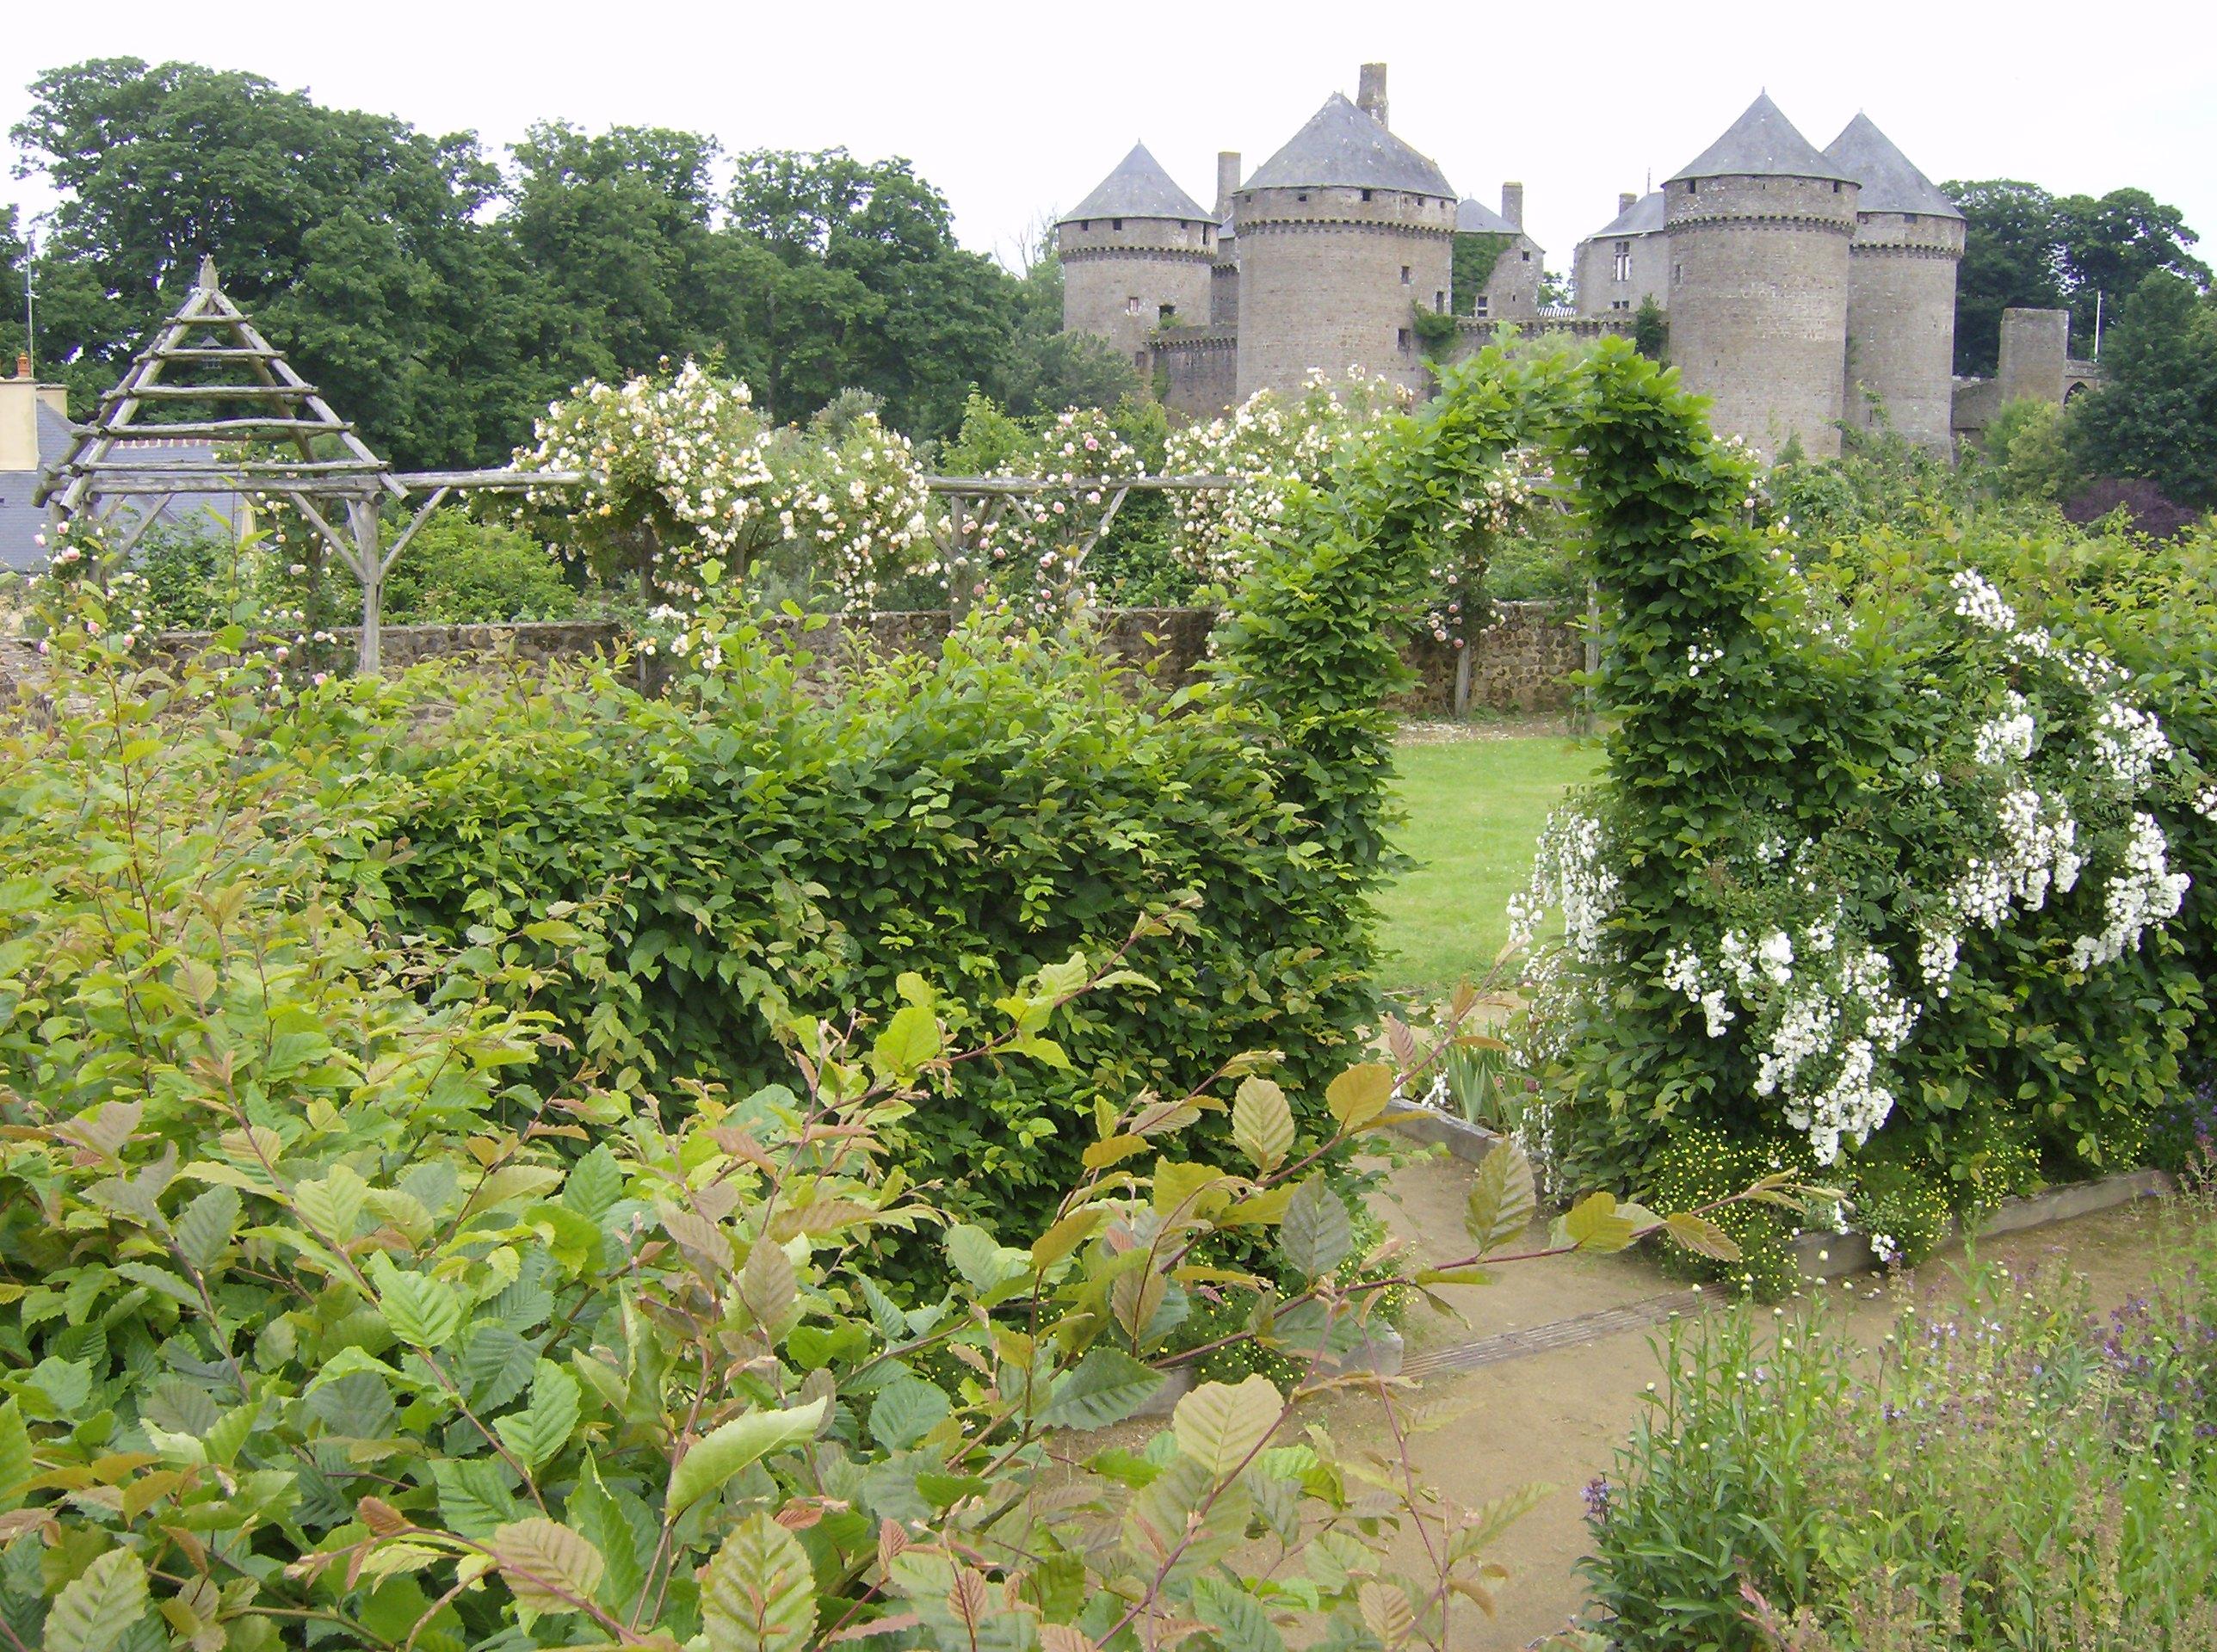 Jardin m di val lassay les ch teaux for Jardin medieval